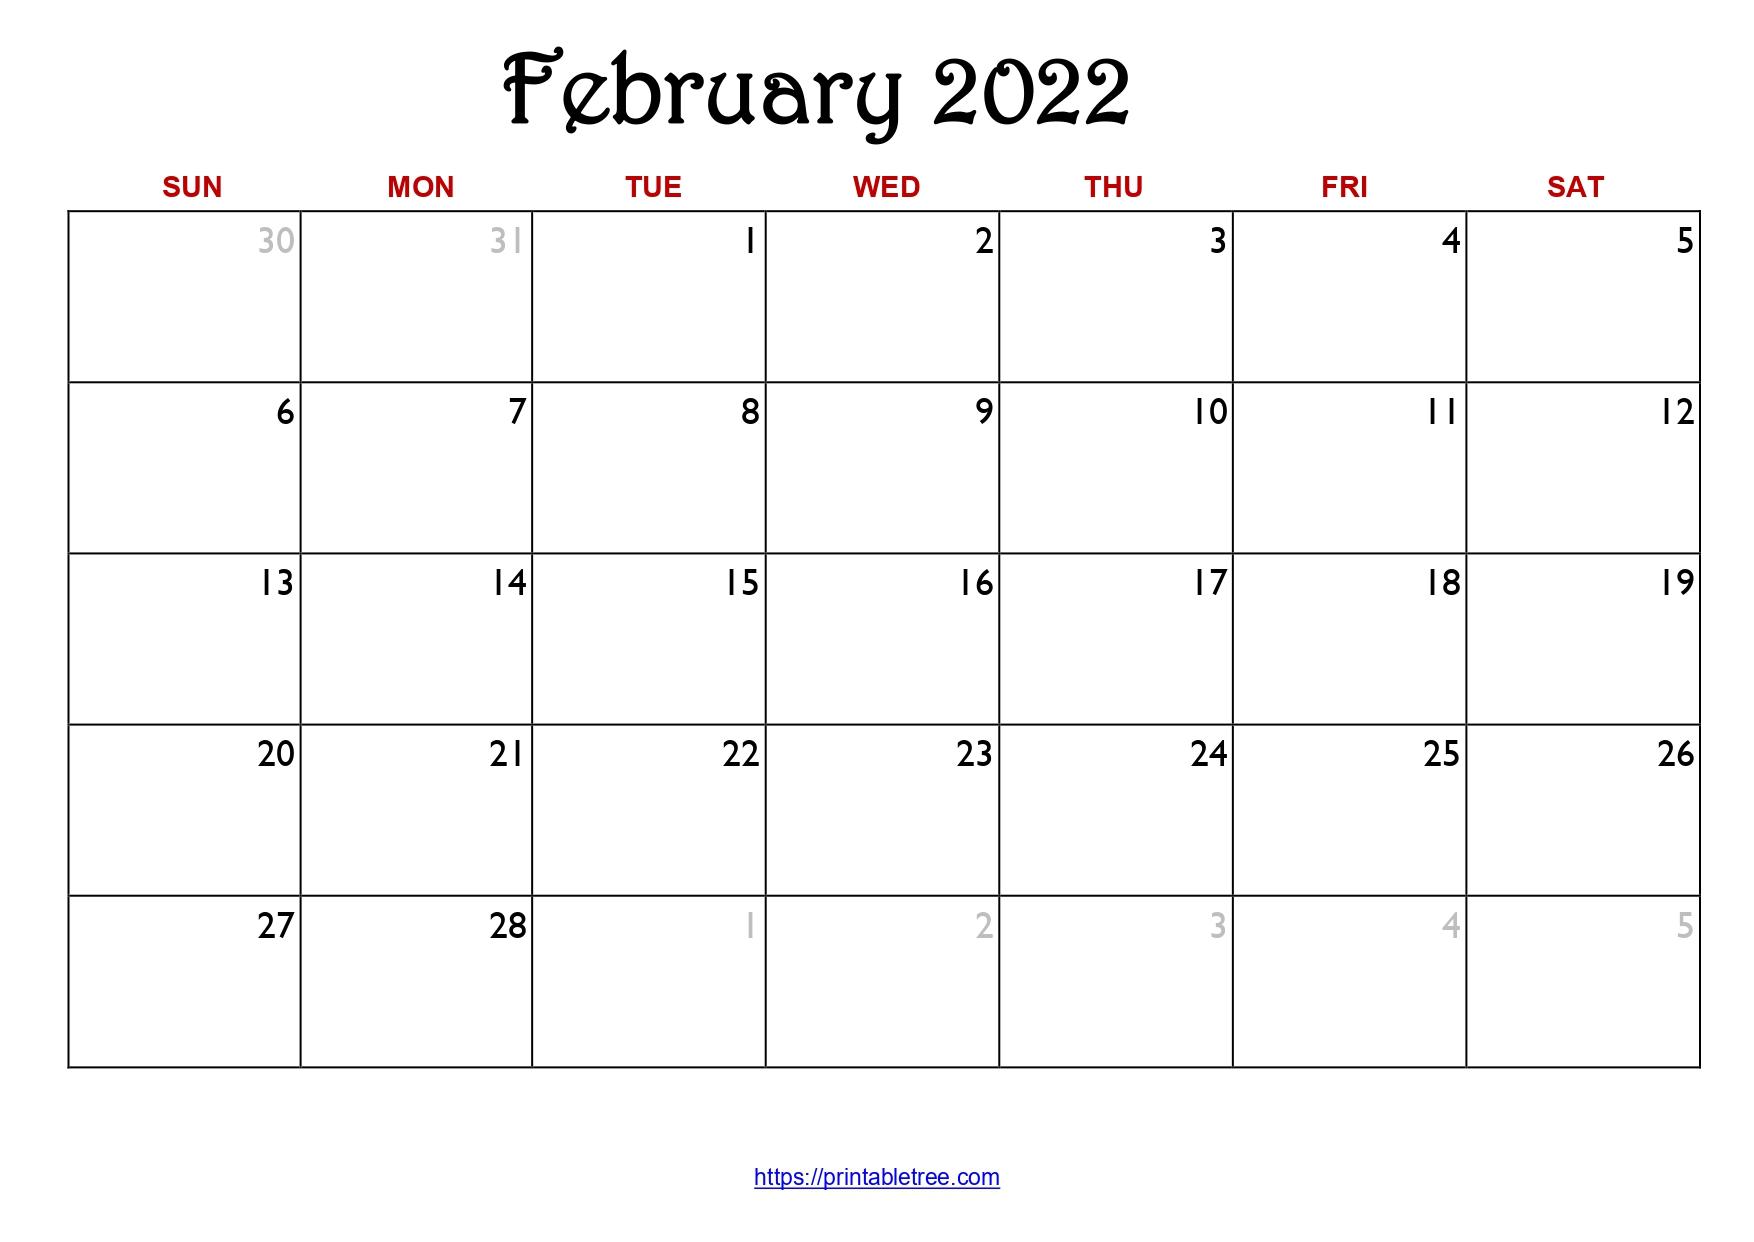 Original Monthly Calendar February 2022